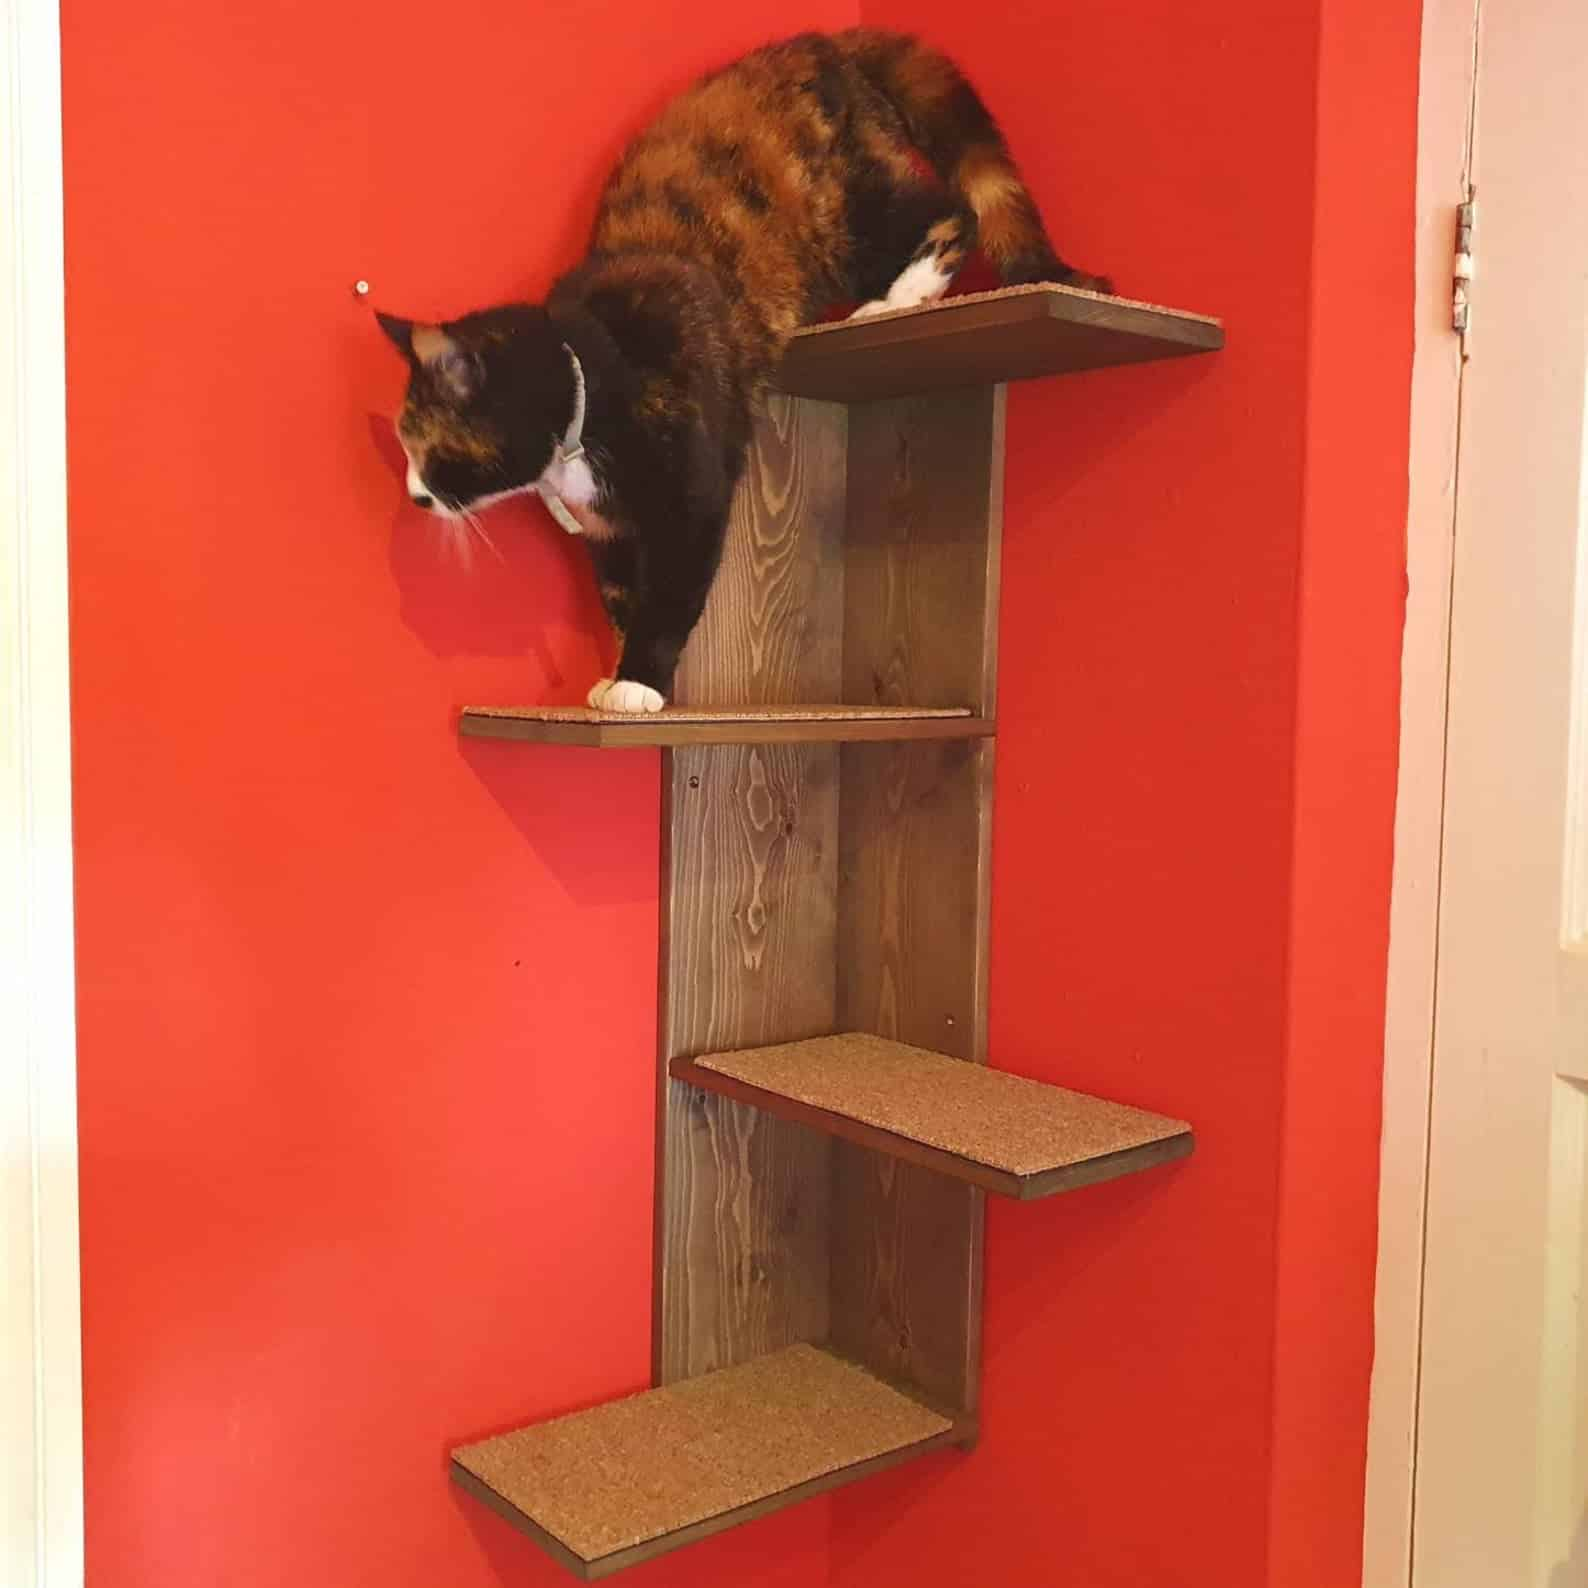 arbre a chat mural design planche bois